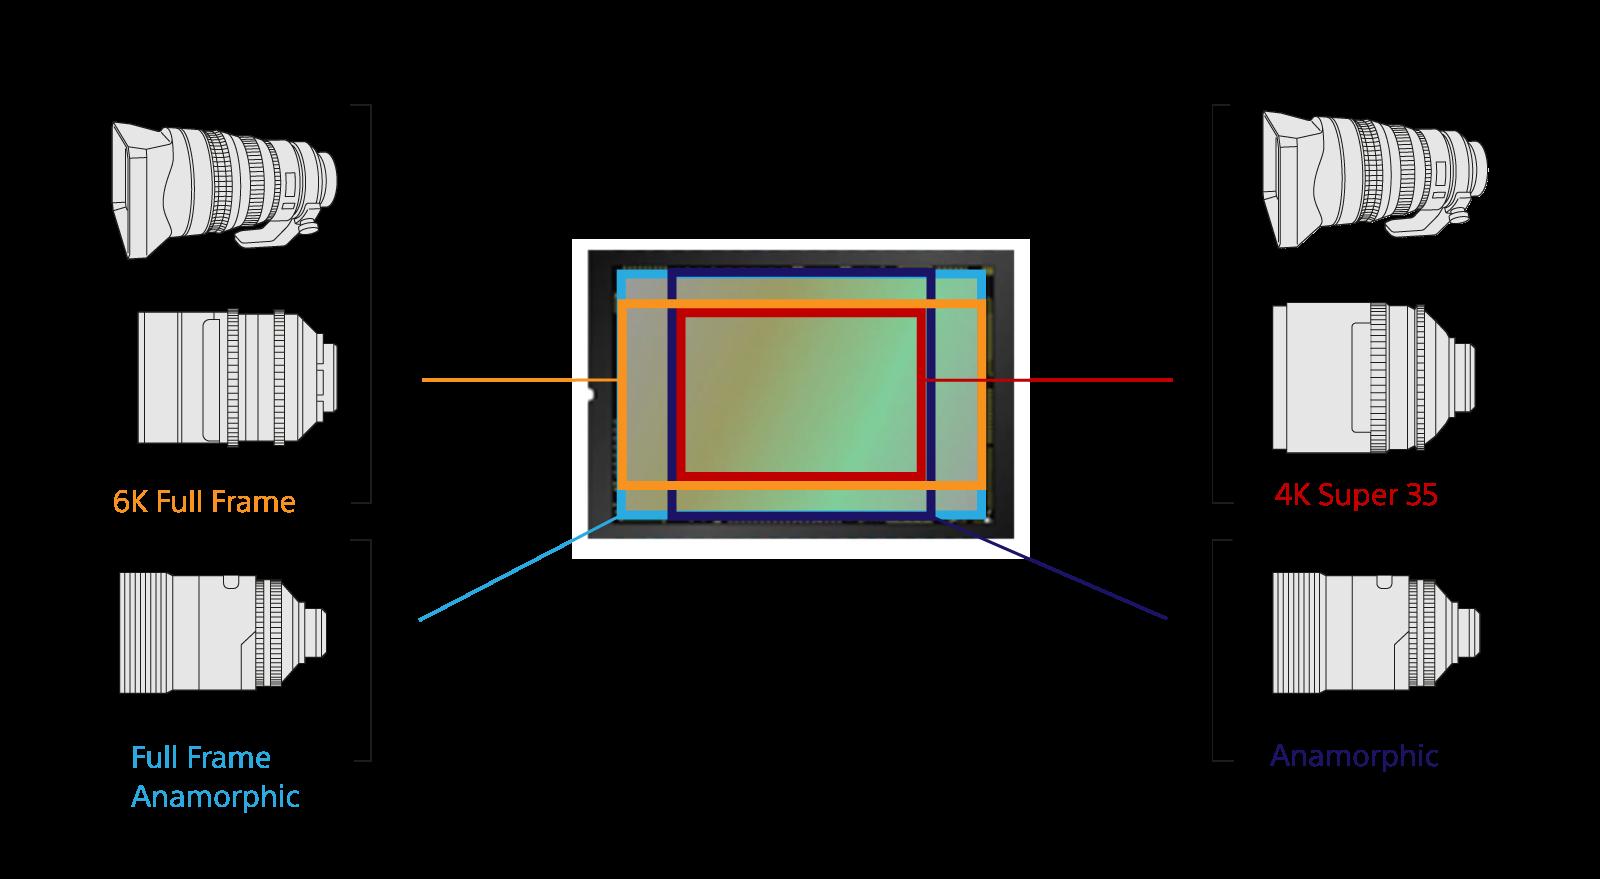 Diagrama que muestra un sensor 6K de fotograma completo y su compatibilidad con lentes de fotograma completo y Super 35.